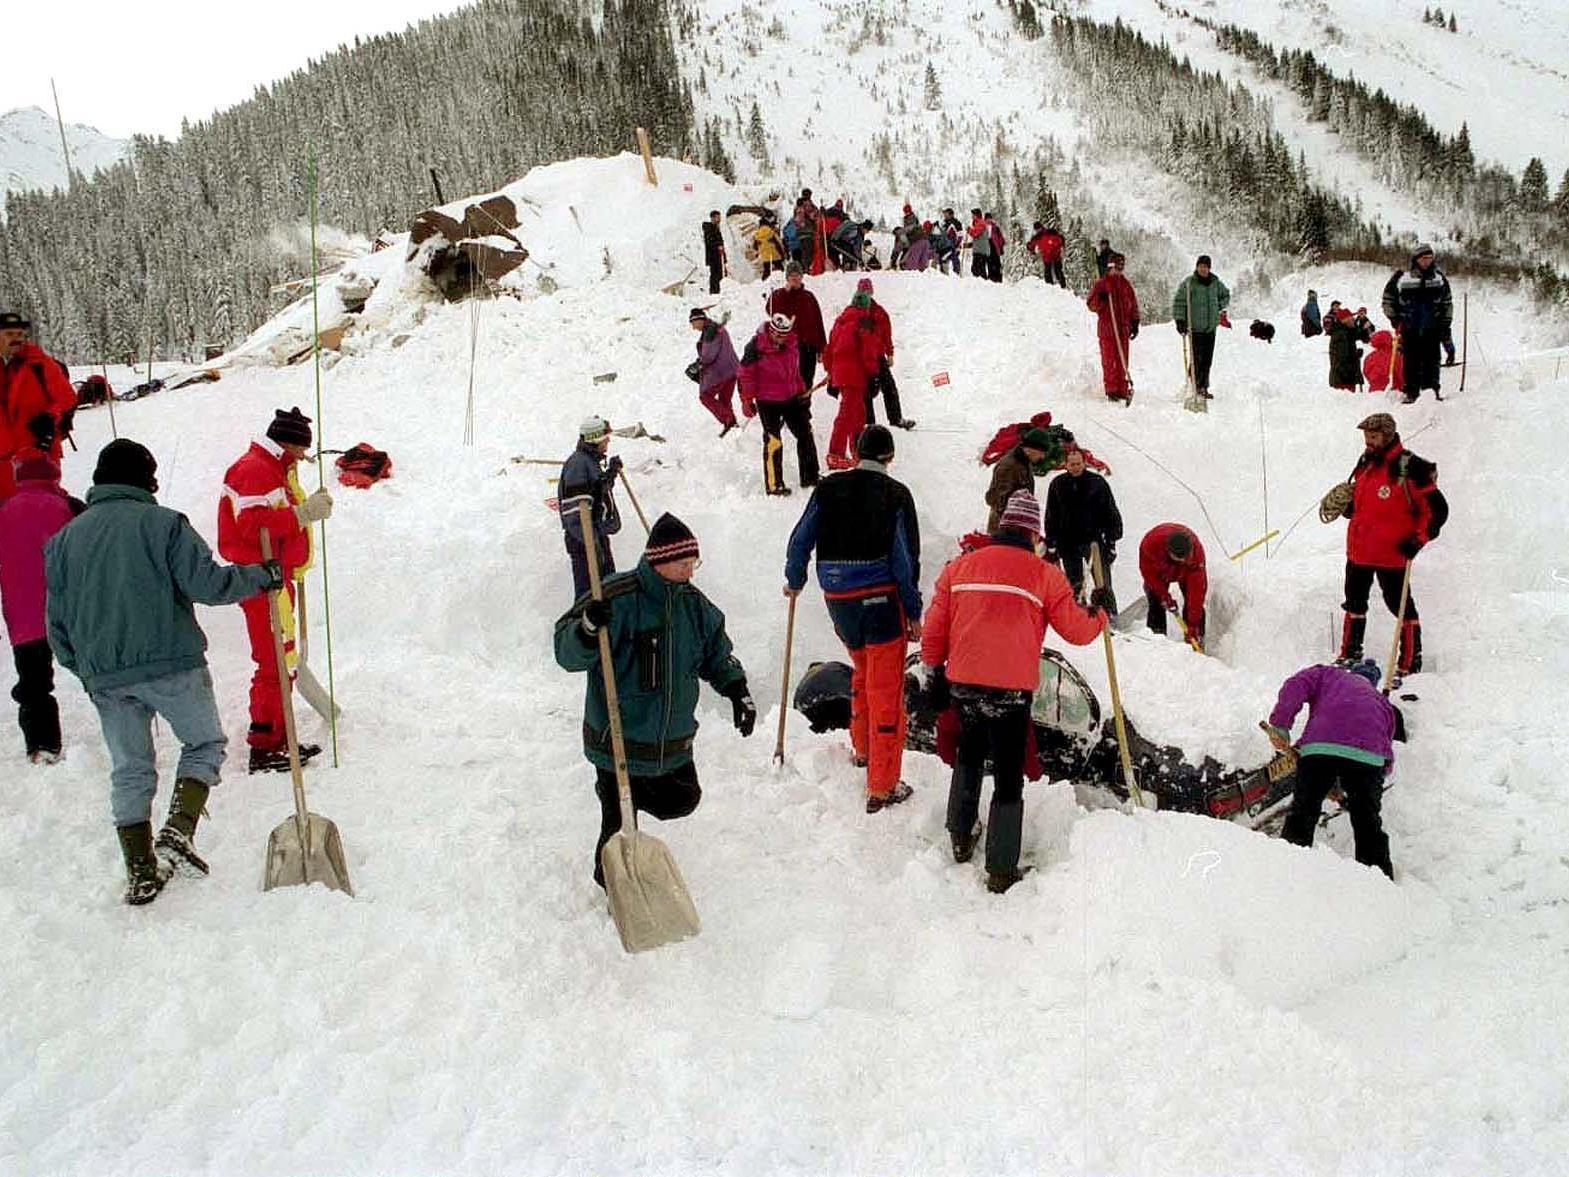 1999 - Bei einem Lawinenunglück im Jamtal bei Galtür in Tirol kommen neun deutsche Touristen ums Leben.